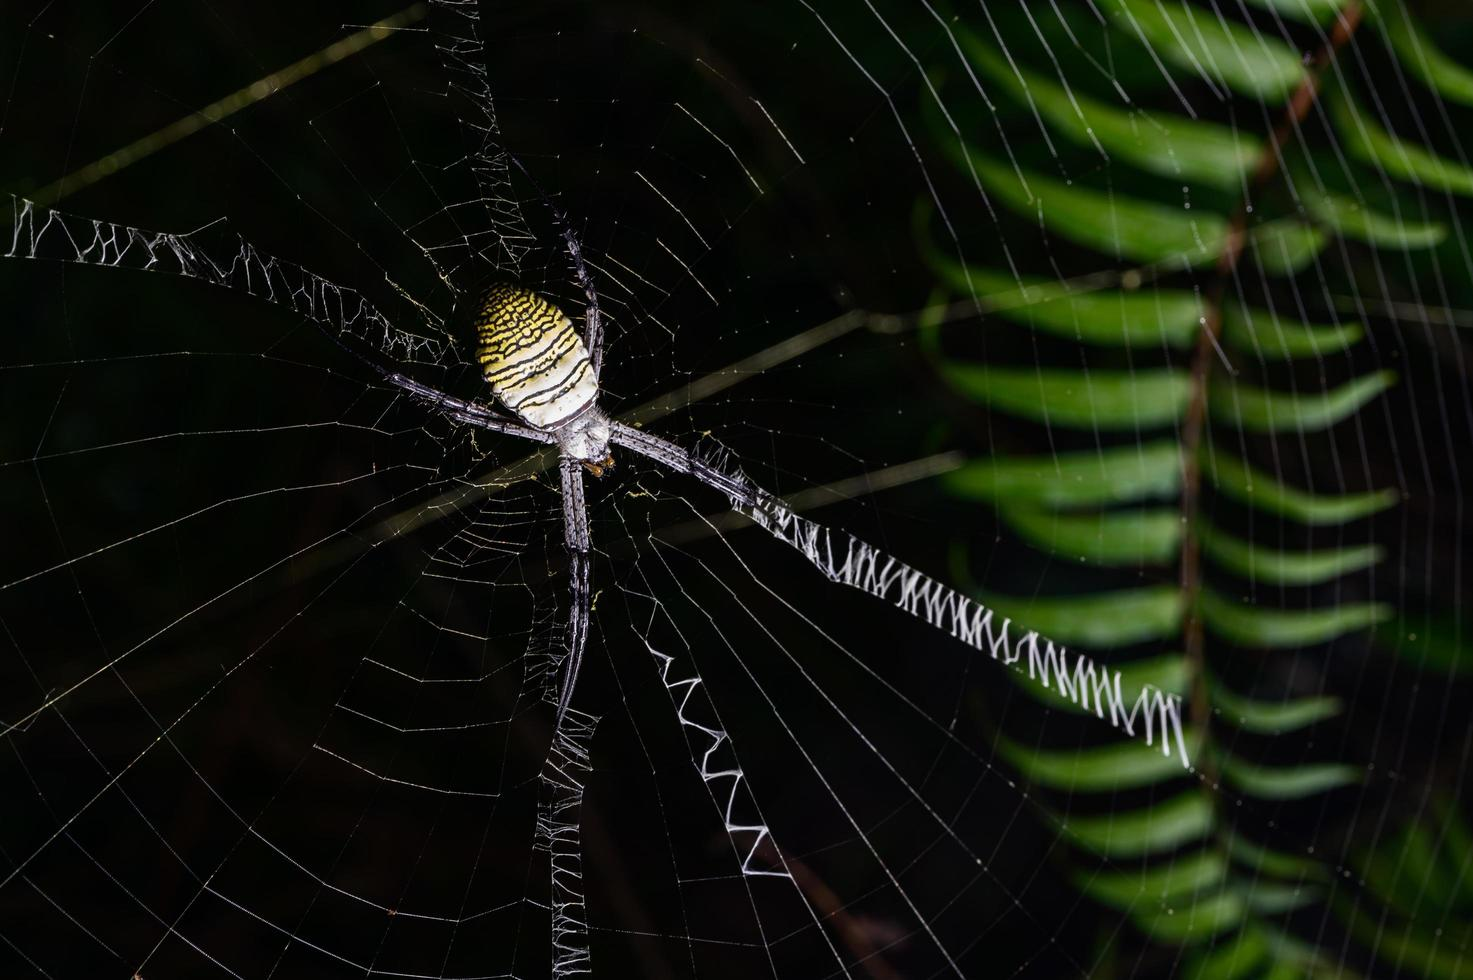 spin op web in de natuur foto